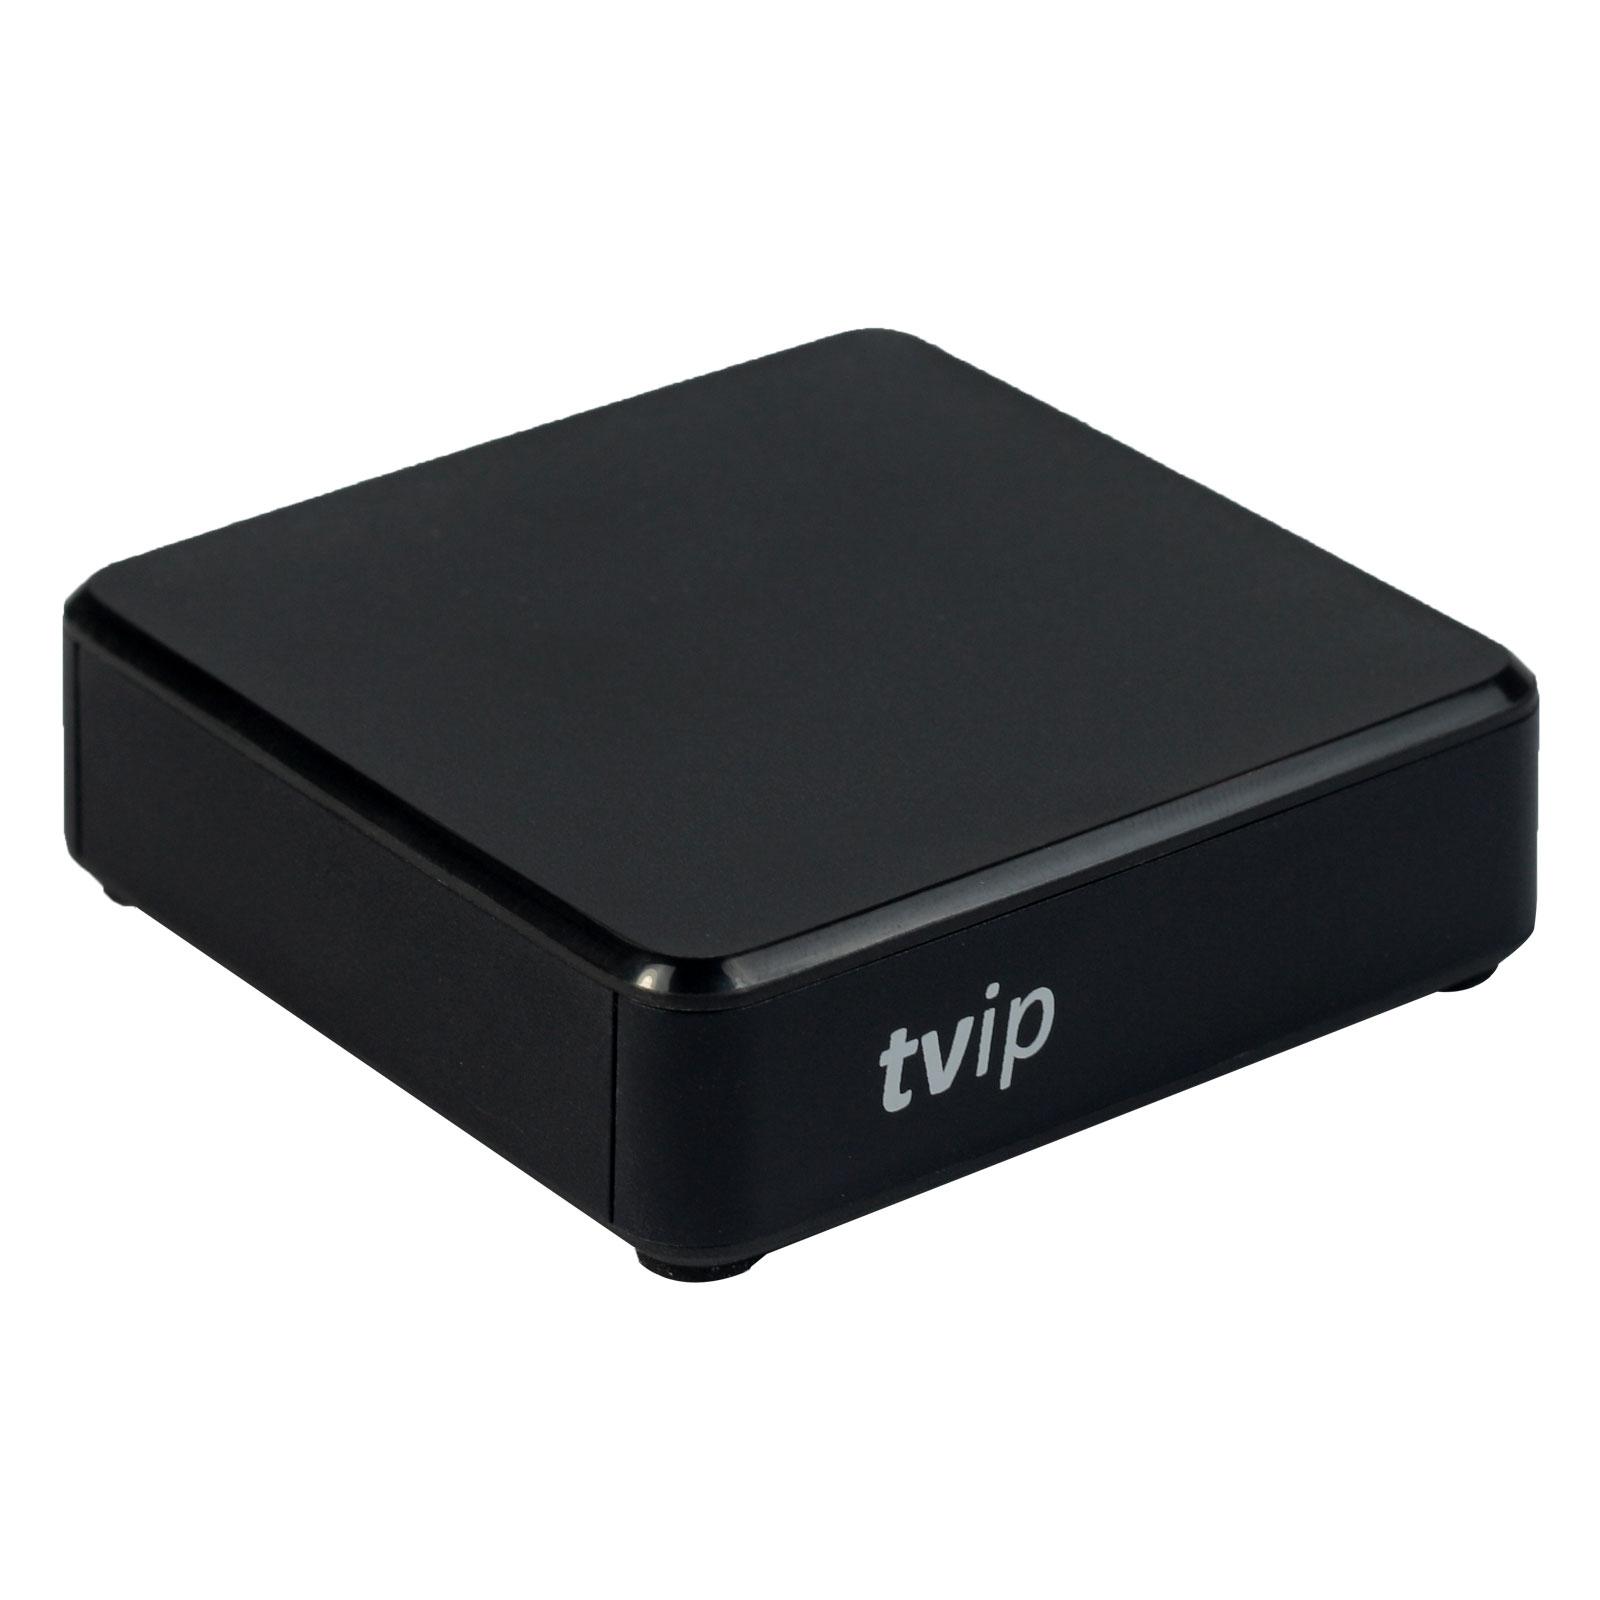 TVIP S-Box v.610 IPTV 4K HEVC UHD Android 8.0 Linux Multimedia Stalker Streamer